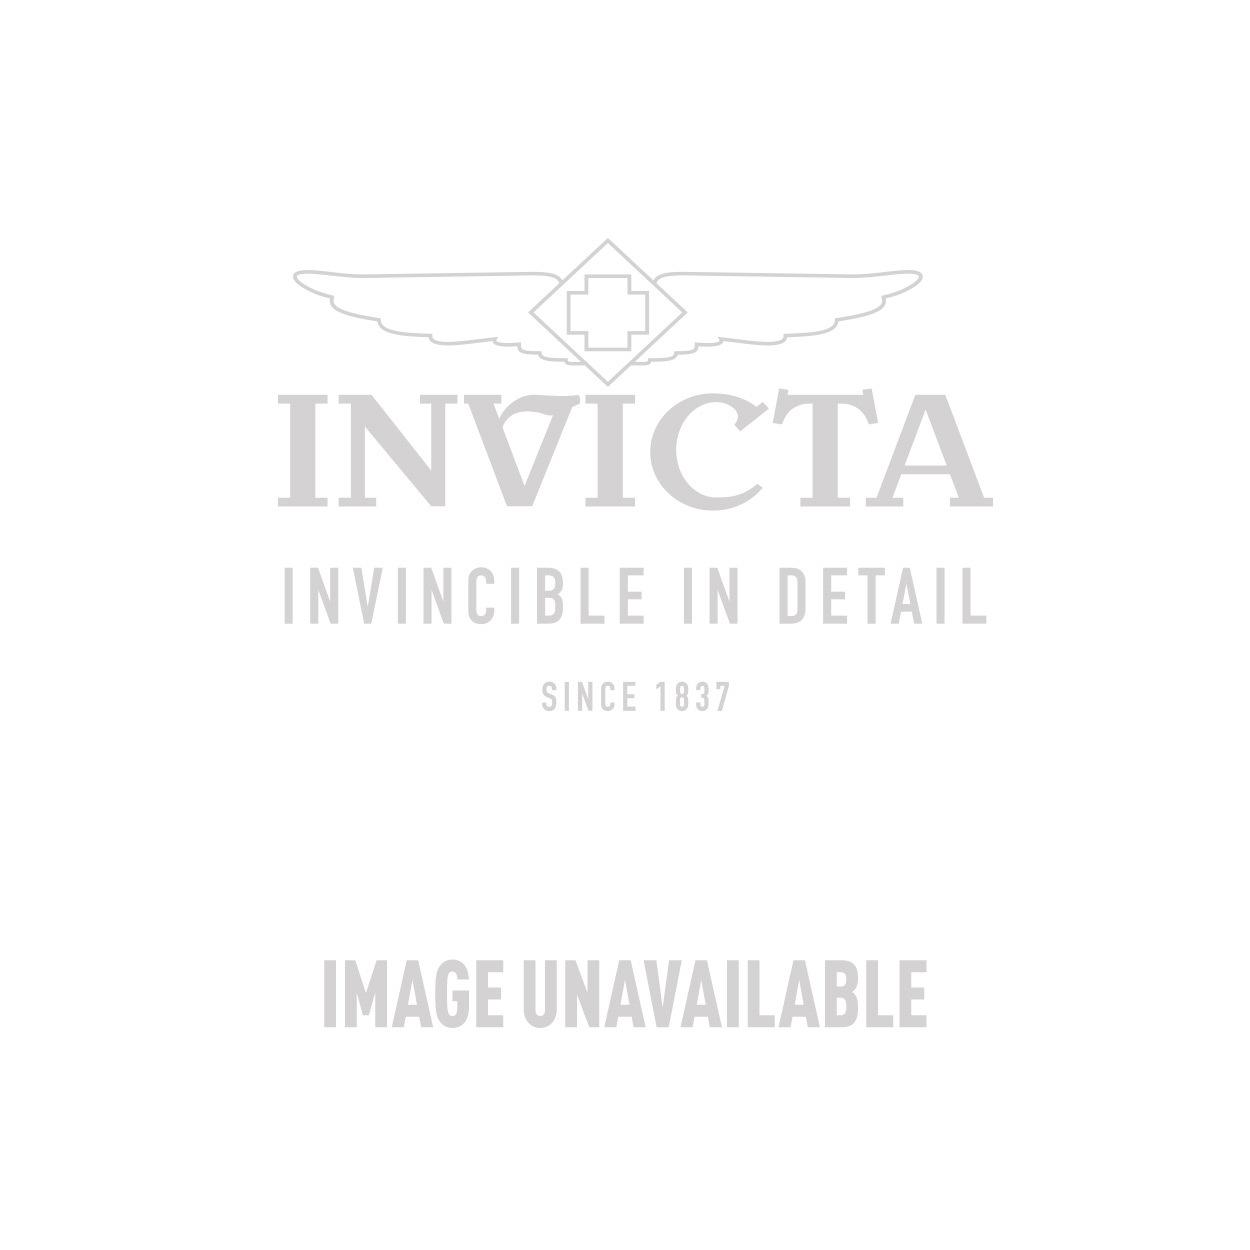 Invicta Model 25167